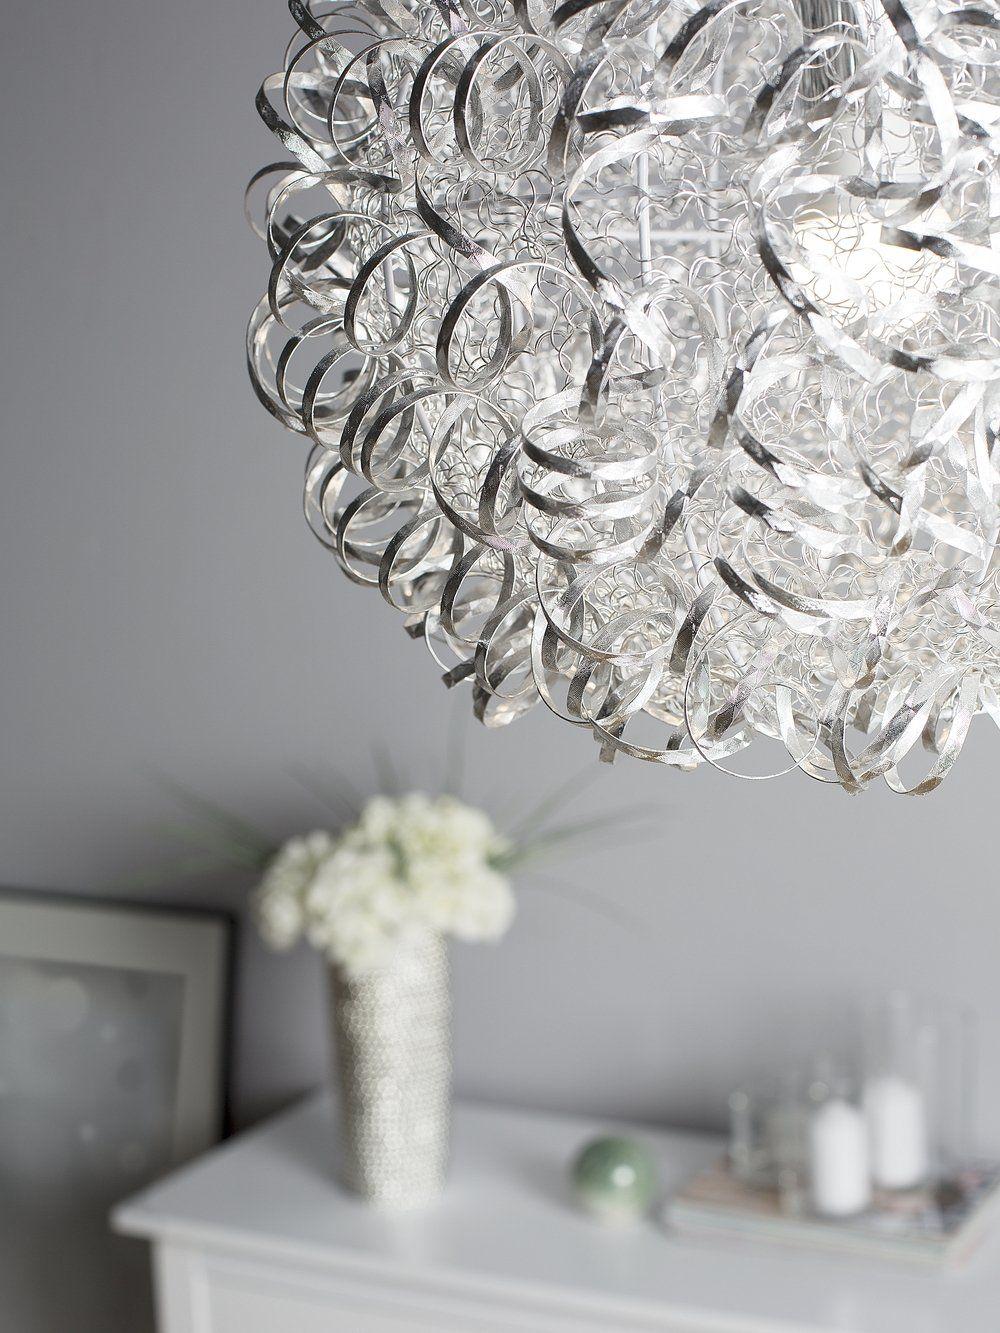 Lampa Wisząca Srebrna Malas W 2019 Salon Pinterest